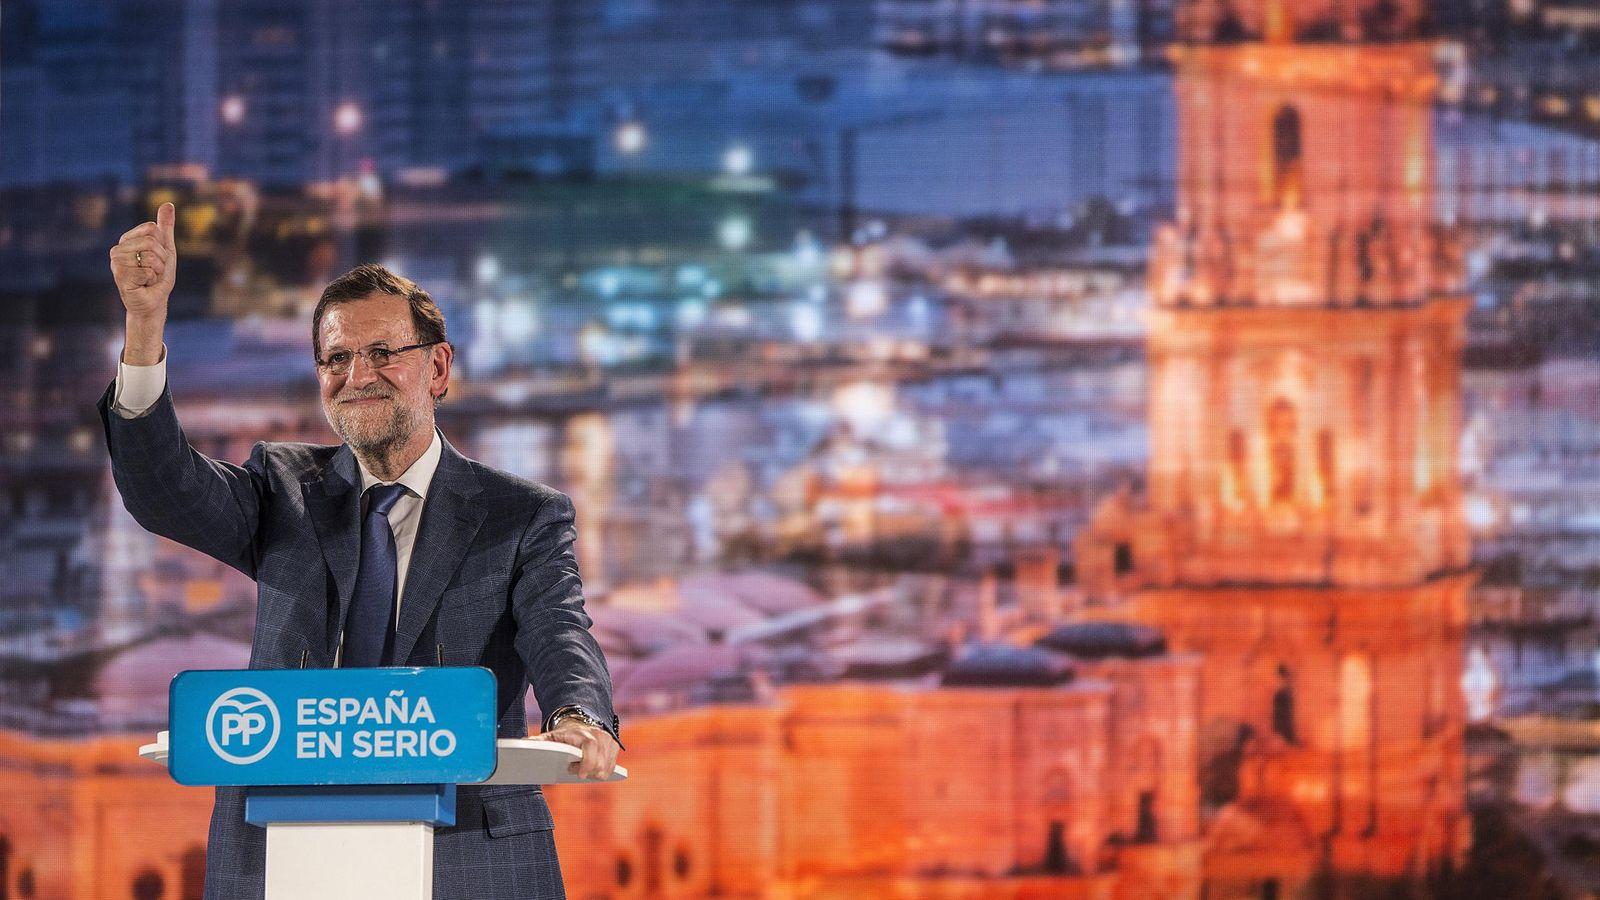 Foto: El PP ha presentado su programa al finalizar el acto en Málaga del 3 de diciembre. Es el partido que menos detalla sus propuestas.